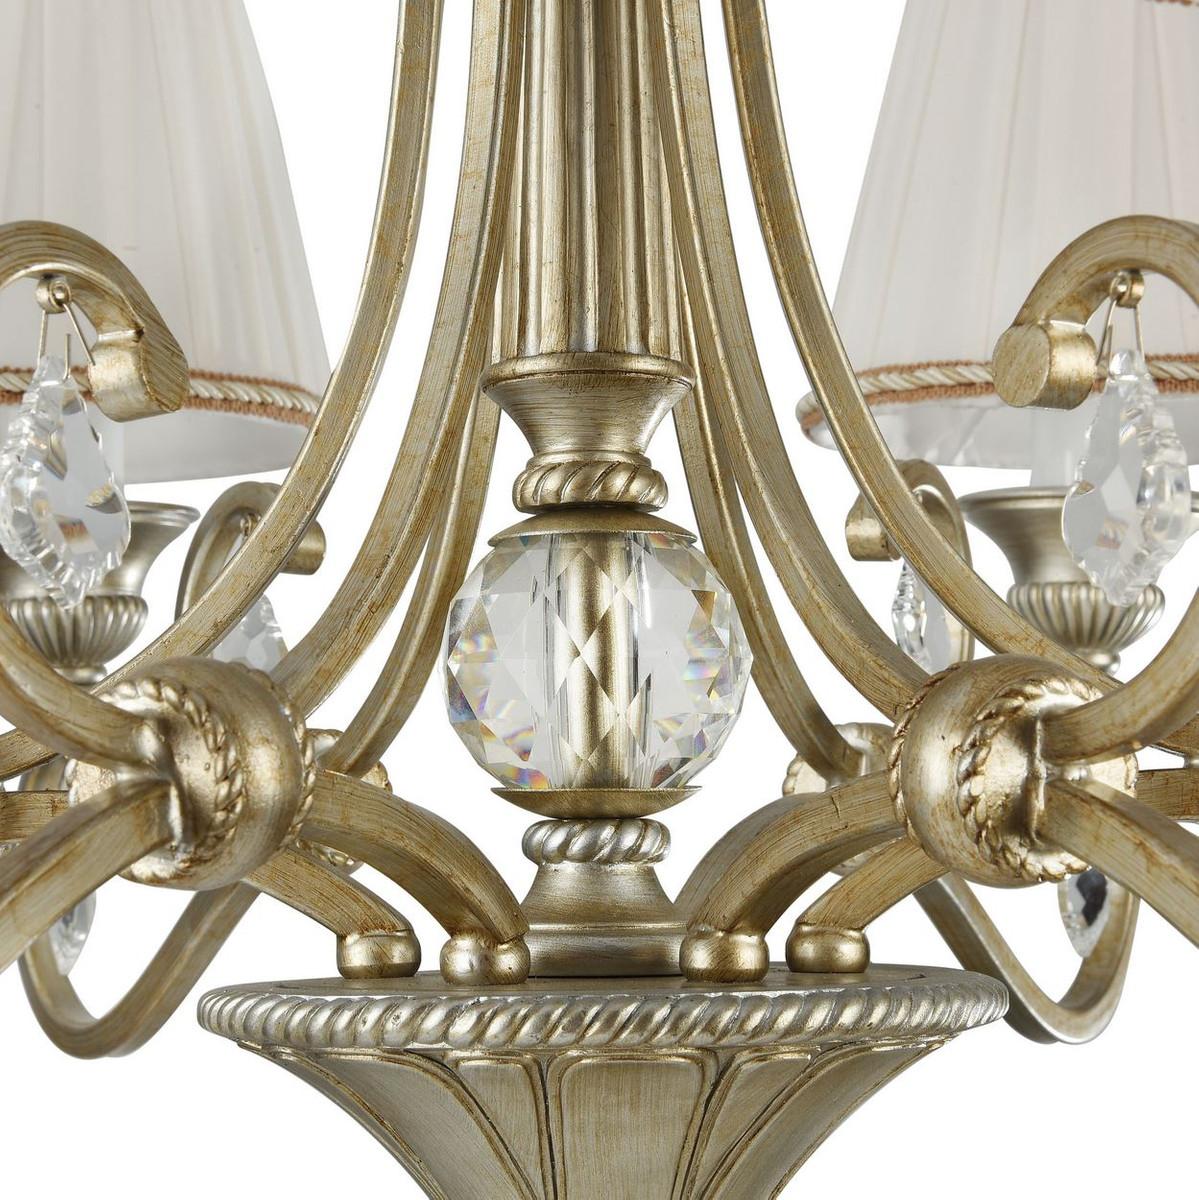 Gewaltig Kronleuchter 8 Flammig Das Beste Von Casa Padrino Baroque Chandelier 6-flames Gold /